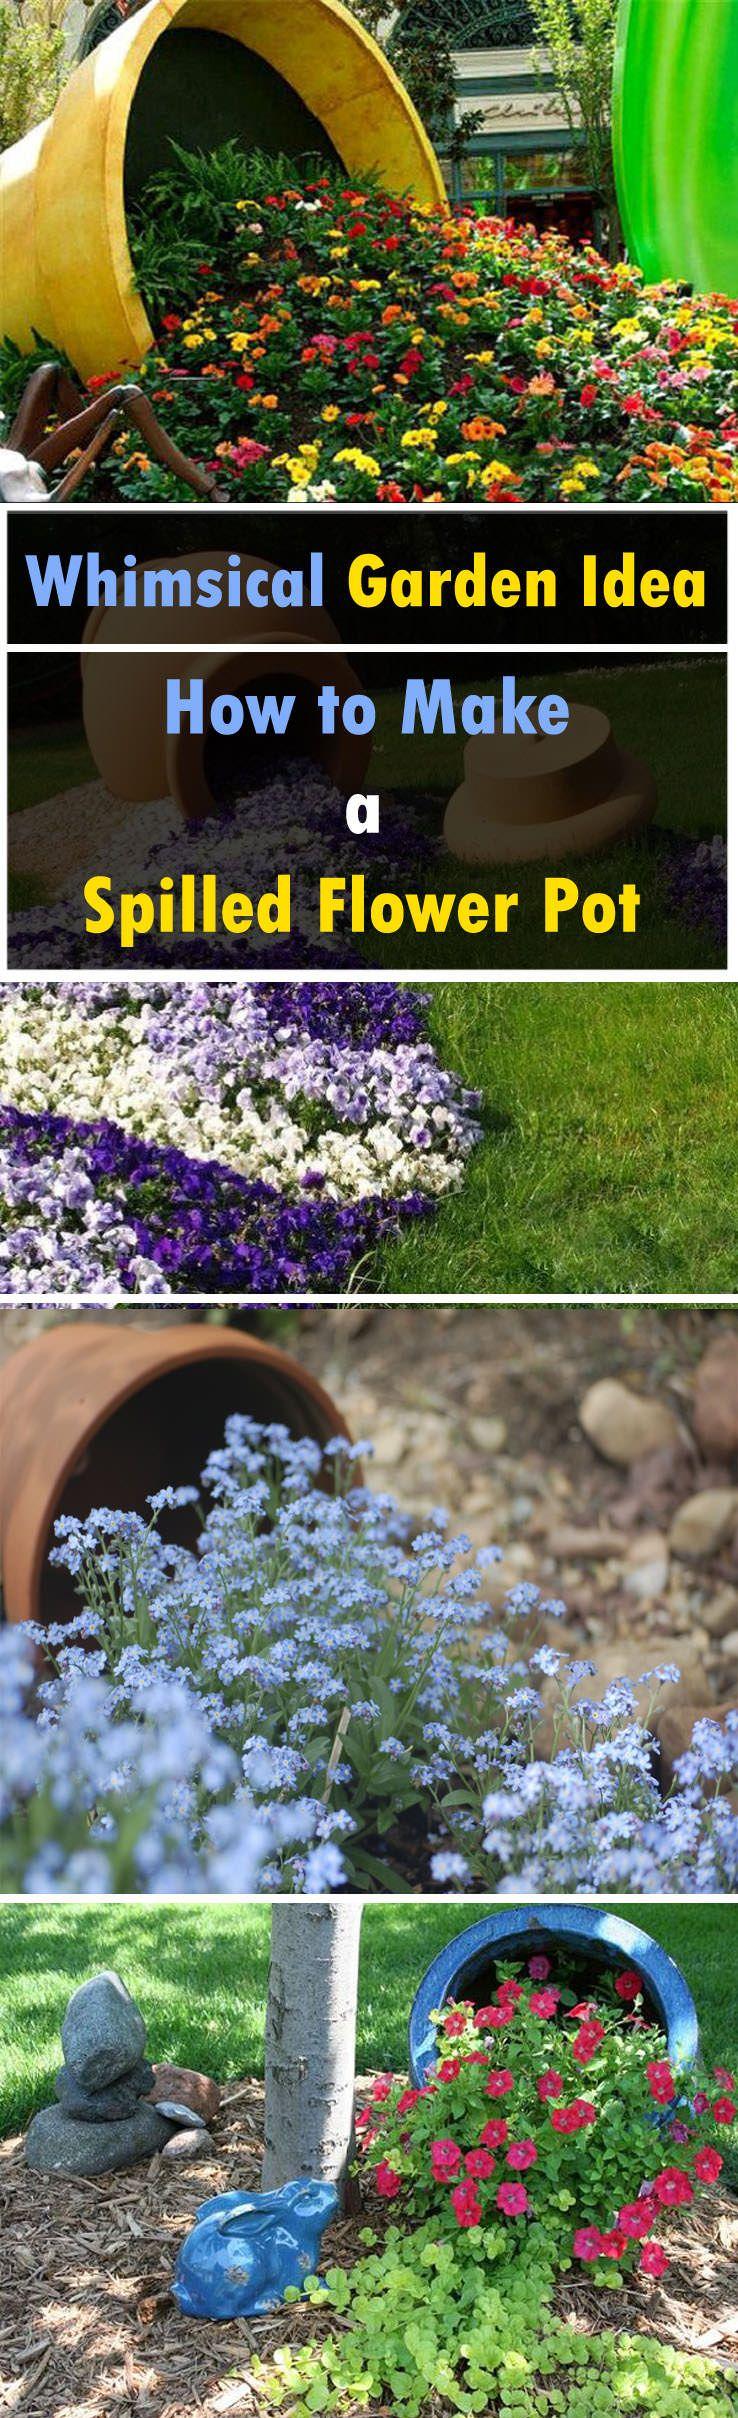 How to Make a Spilled Flower Pot | Gardens, Flower and Garden ideas